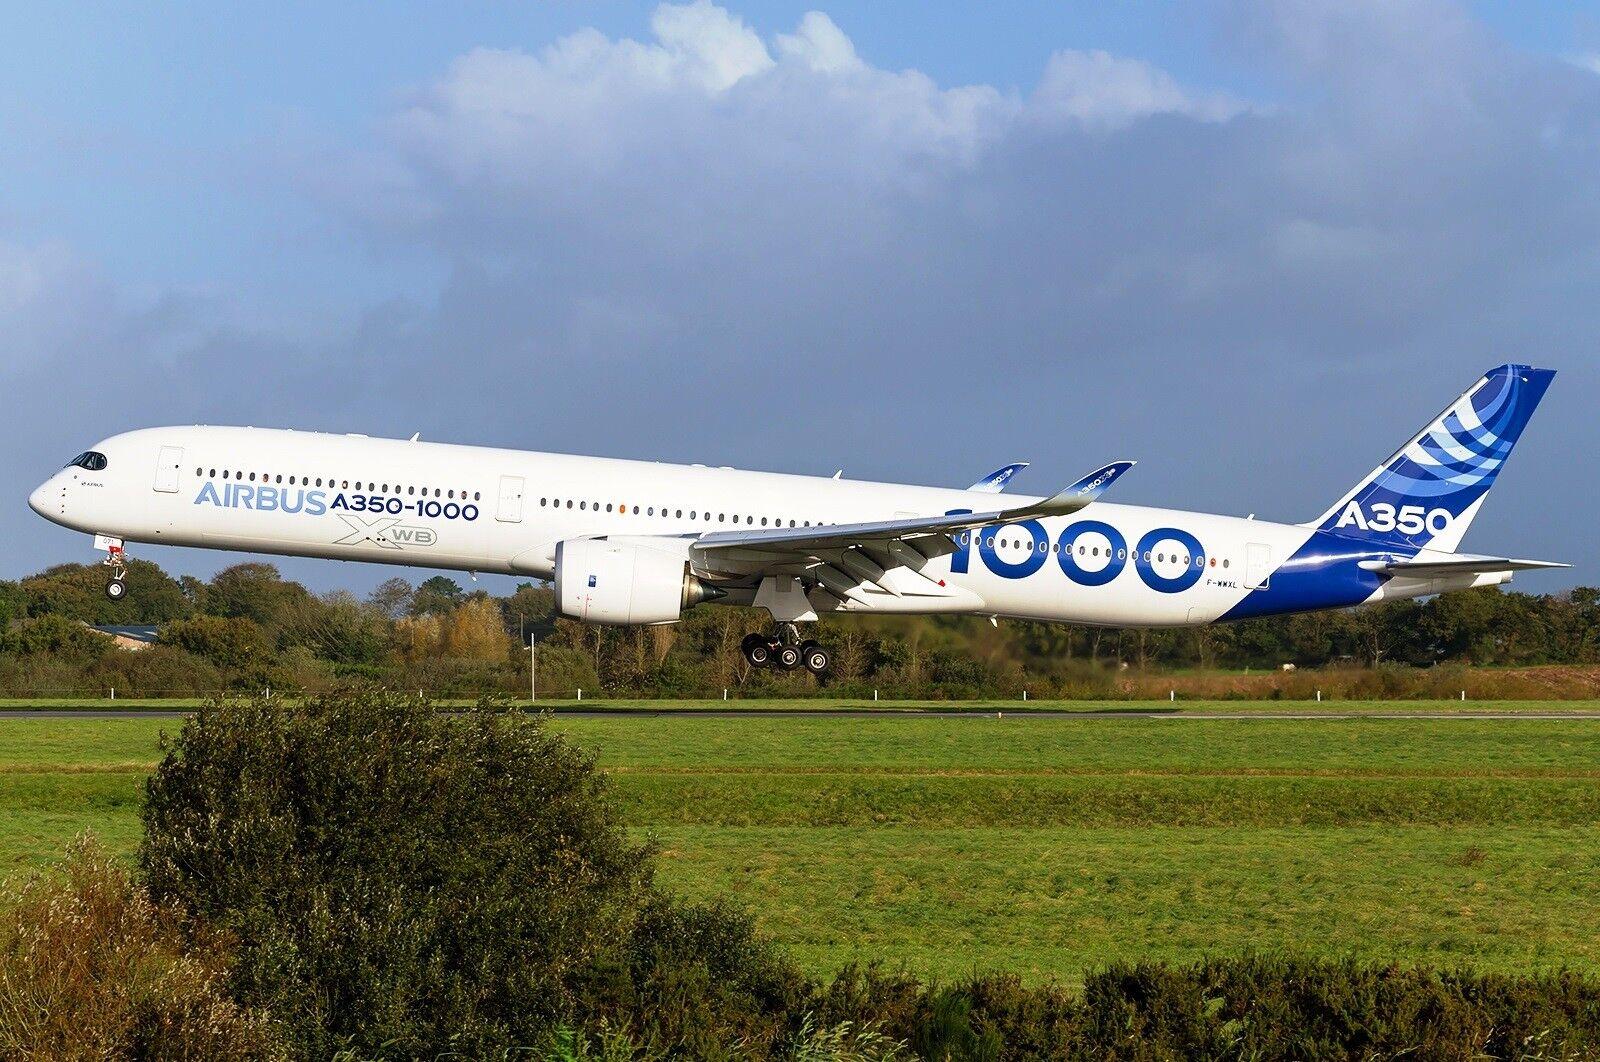 calidad fantástica Jc Wings LH2086A 1 200 Airbus A350-1000 F-wwxl F-wwxl F-wwxl Casa Color flaps abajo con Soporte  cómodo